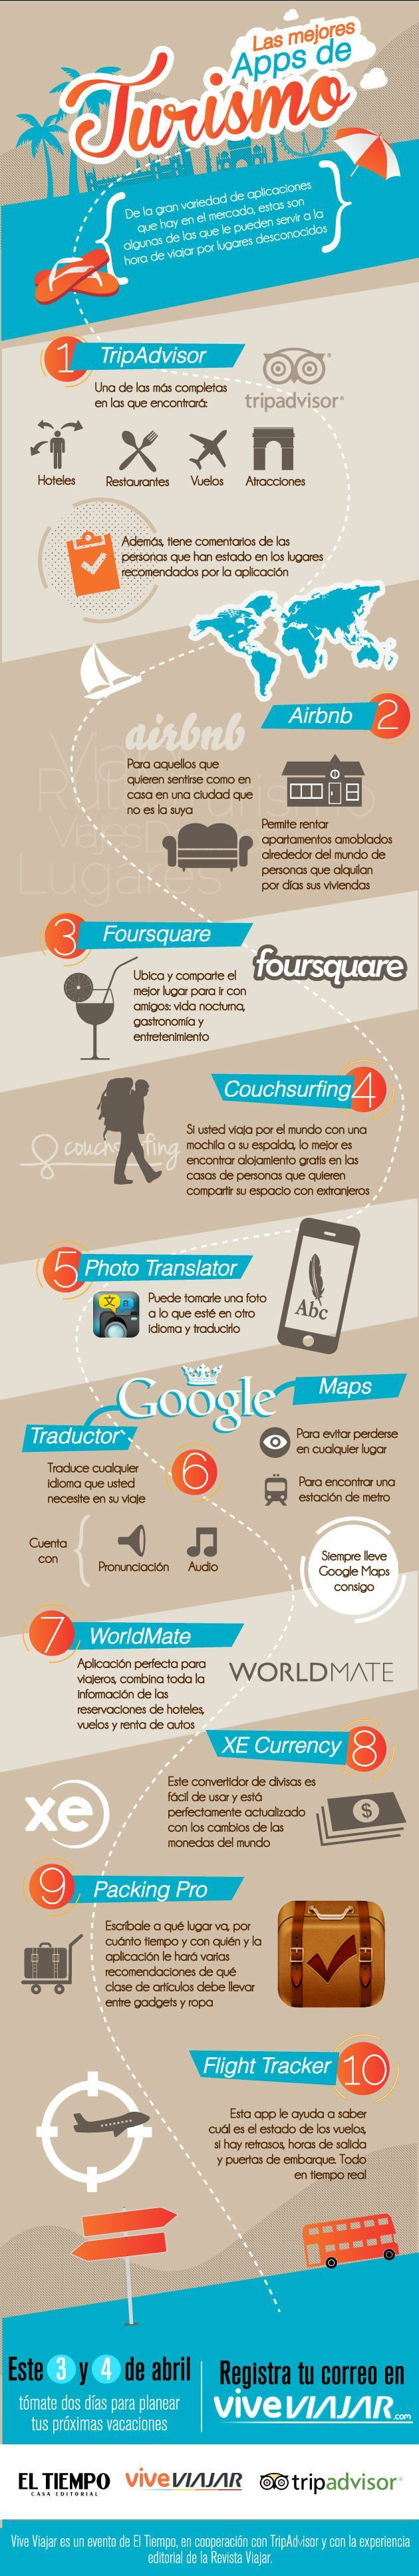 Las mejores apps para turistas y viajeros #apps #viajeros #estudiantes #umayor